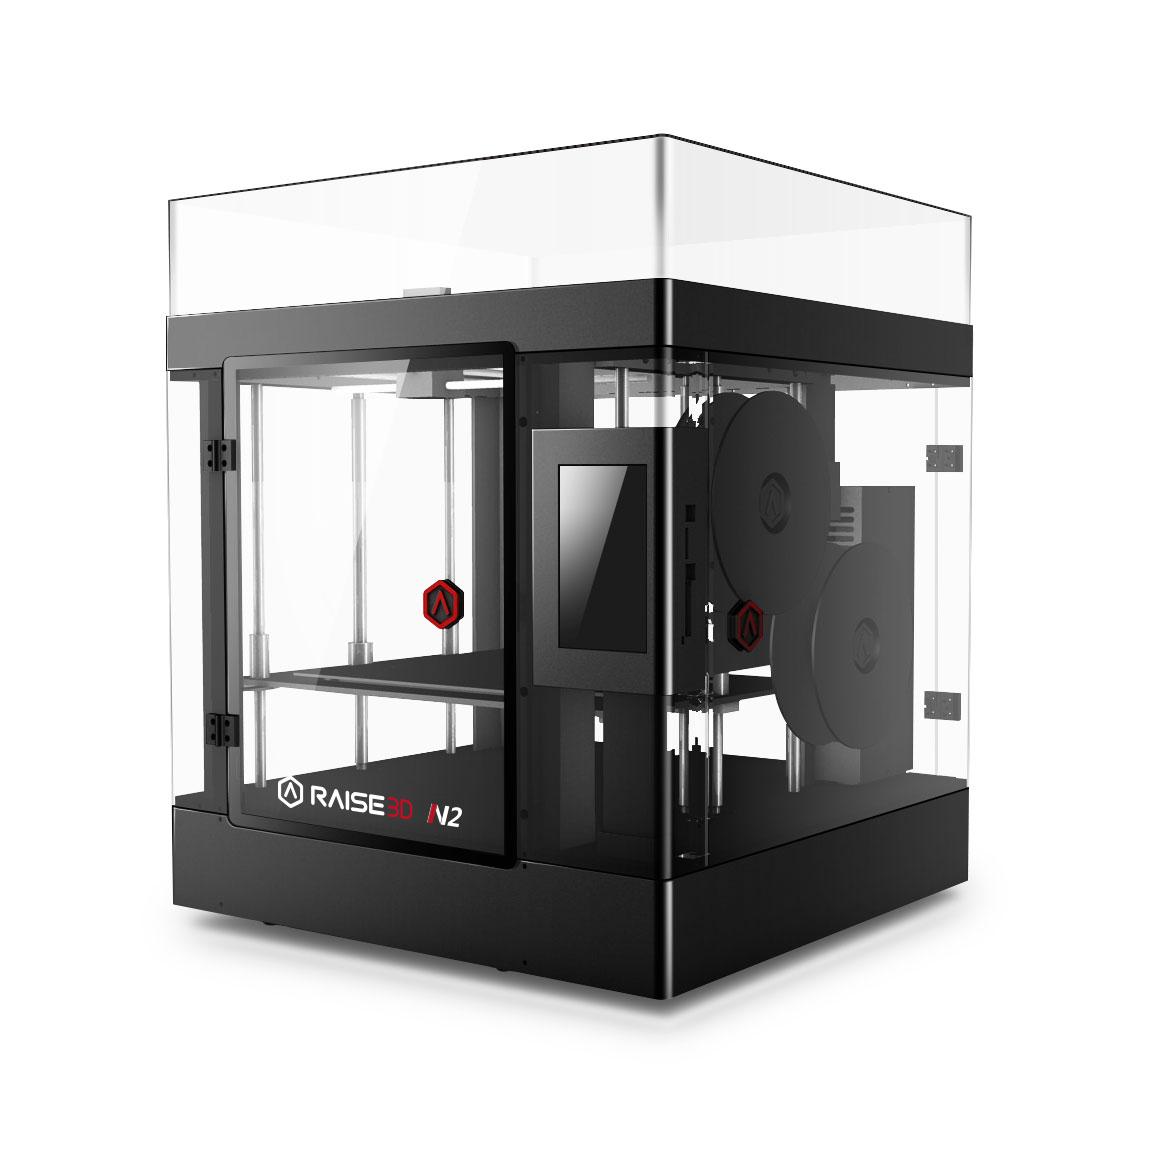 raise3d n2 dual imprimante 3d raise3d sur. Black Bedroom Furniture Sets. Home Design Ideas